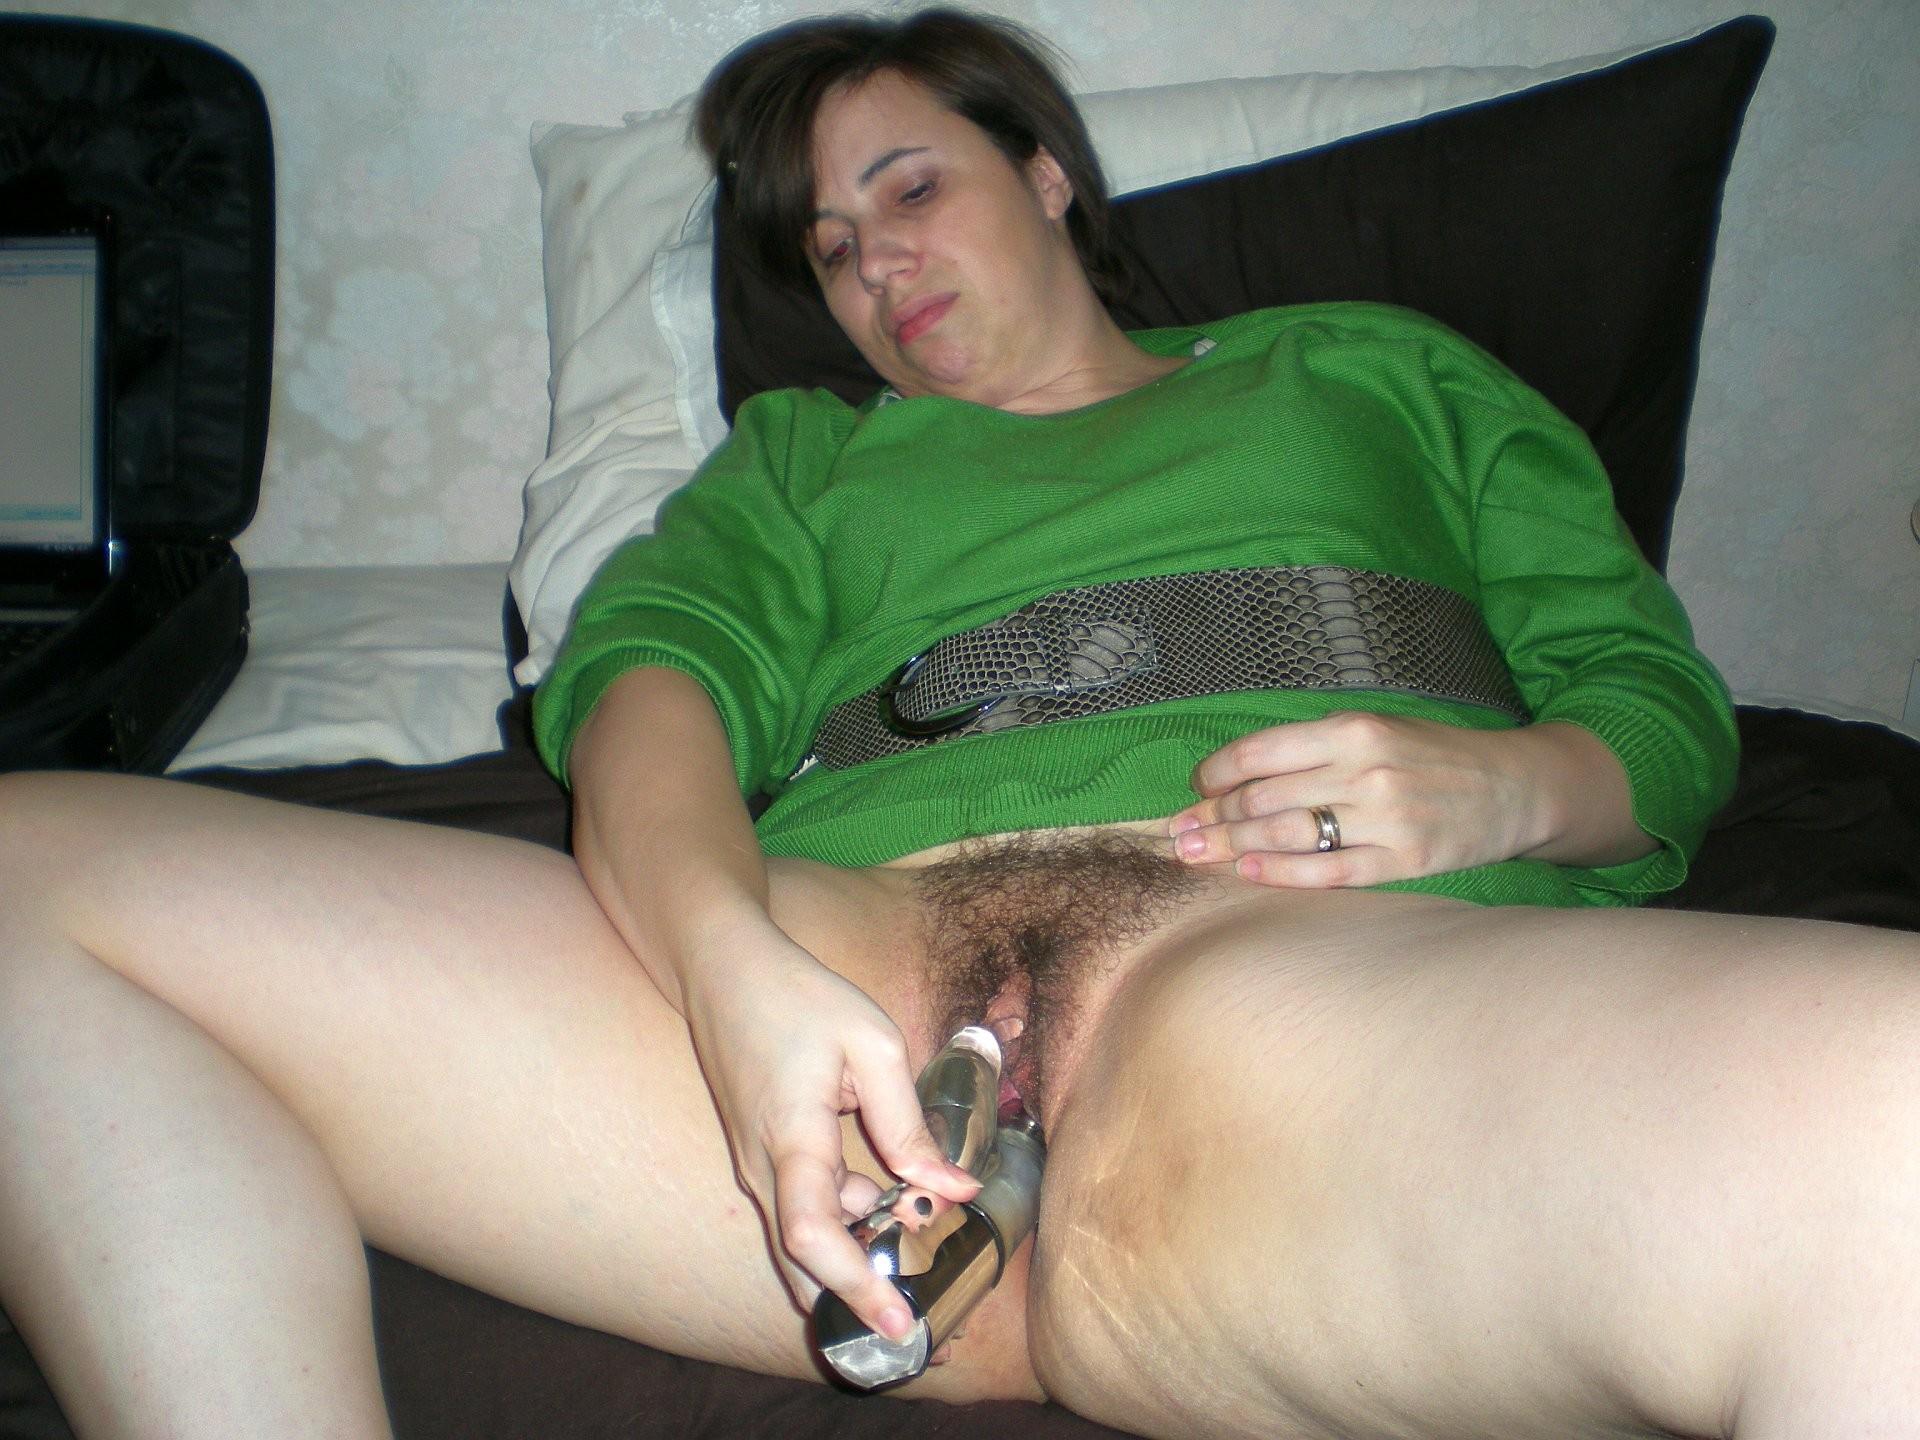 Зрелые волосатые женщины мастурбируют 9